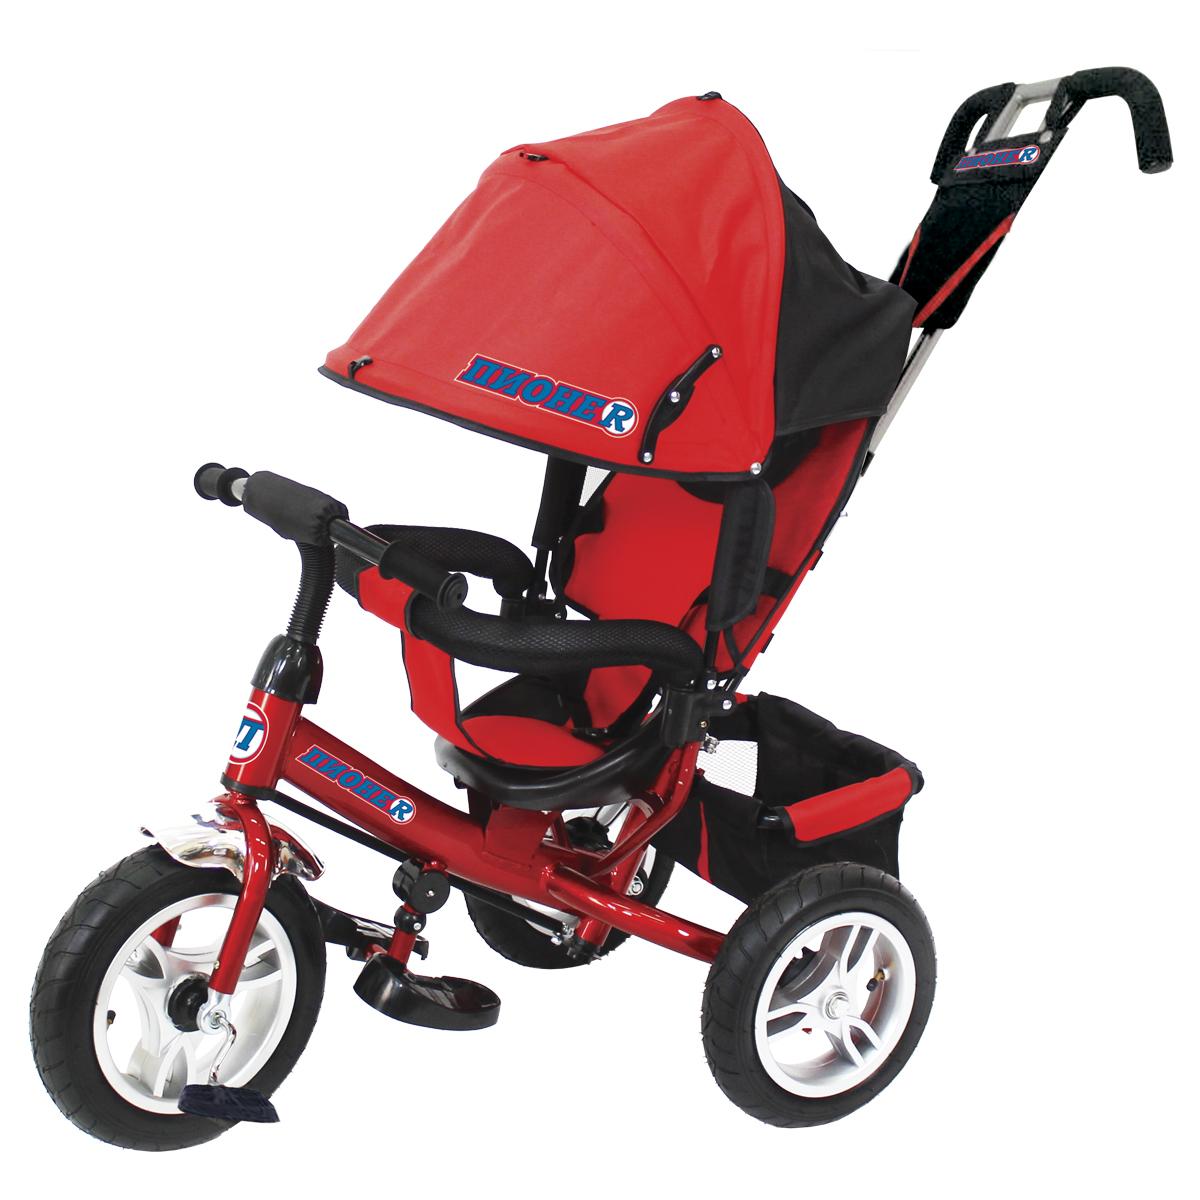 ПИОНЕR Велосипед трехколесный цвет красный P2R - Велосипеды-каталки